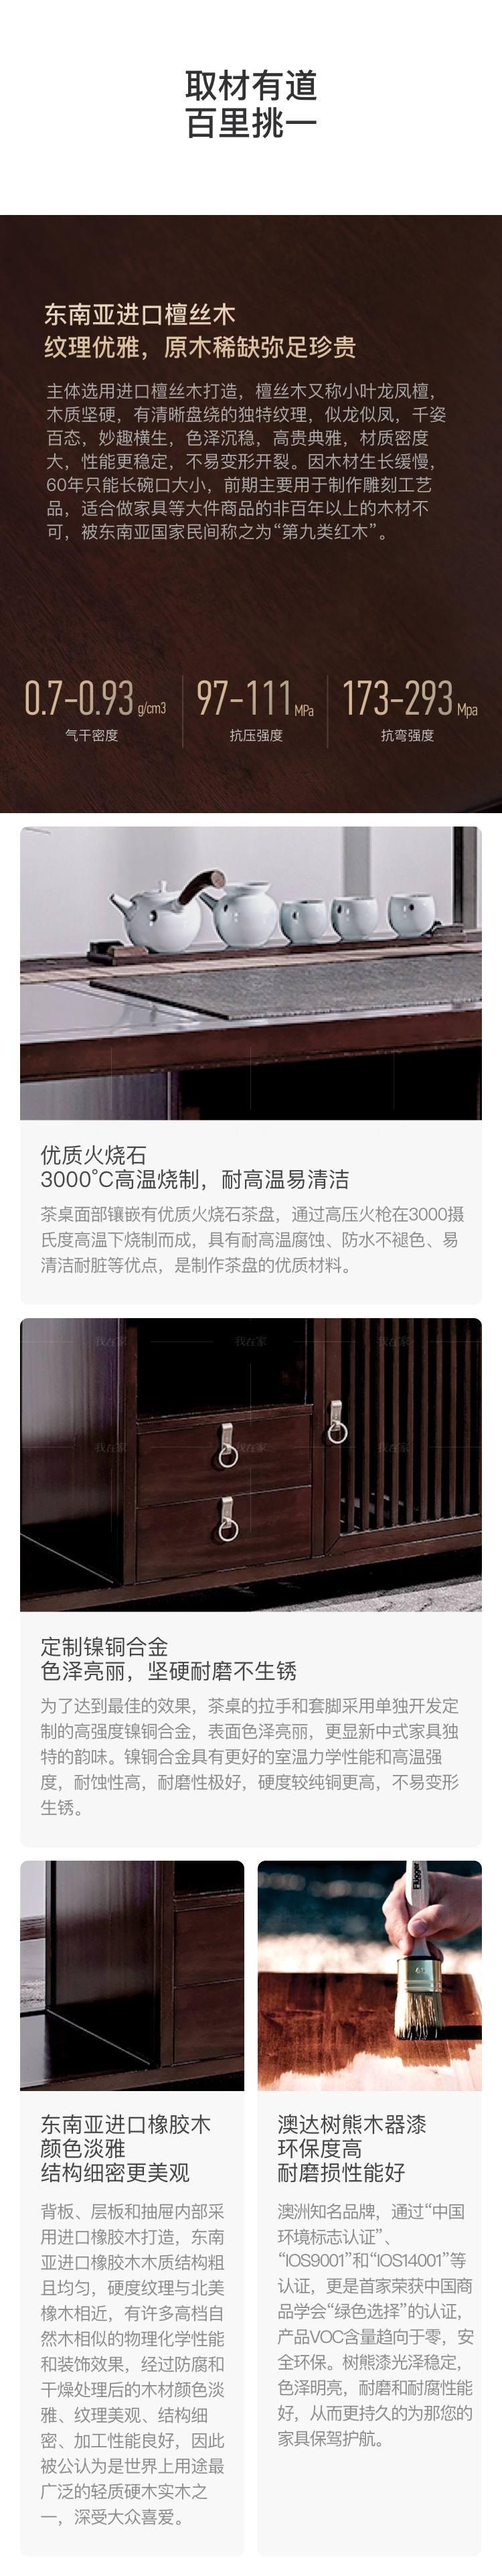 新中式风格疏影茶桌的家具详细介绍